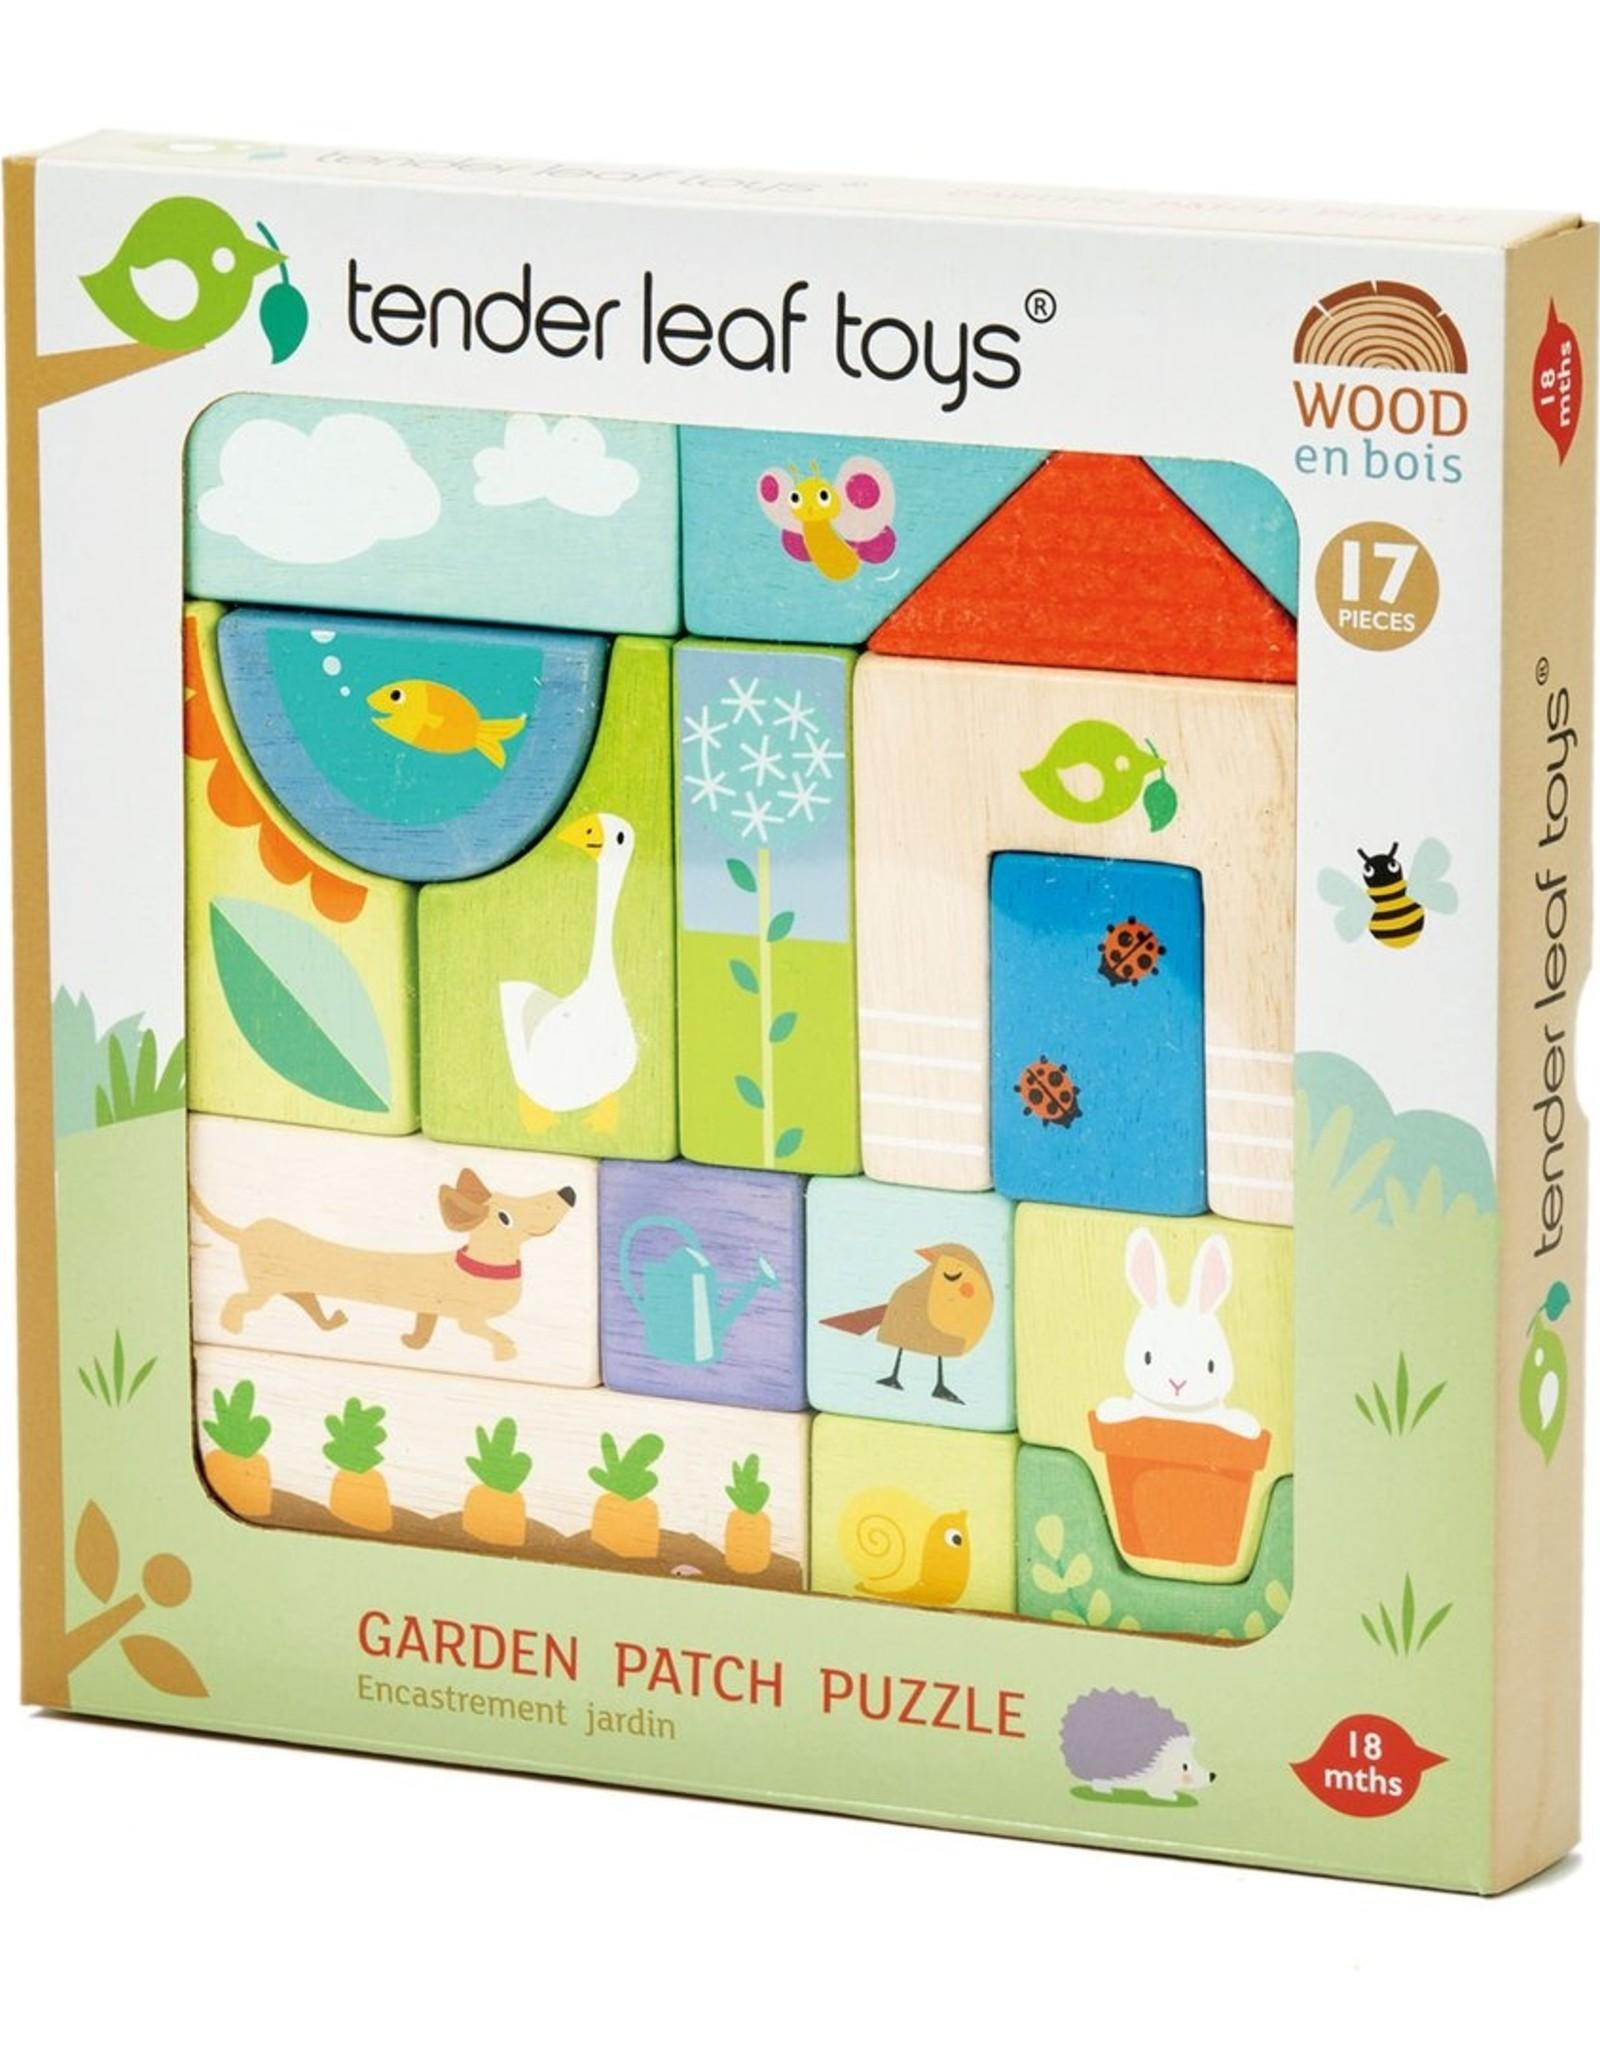 Tender leaf toys Casse-tête Jardin